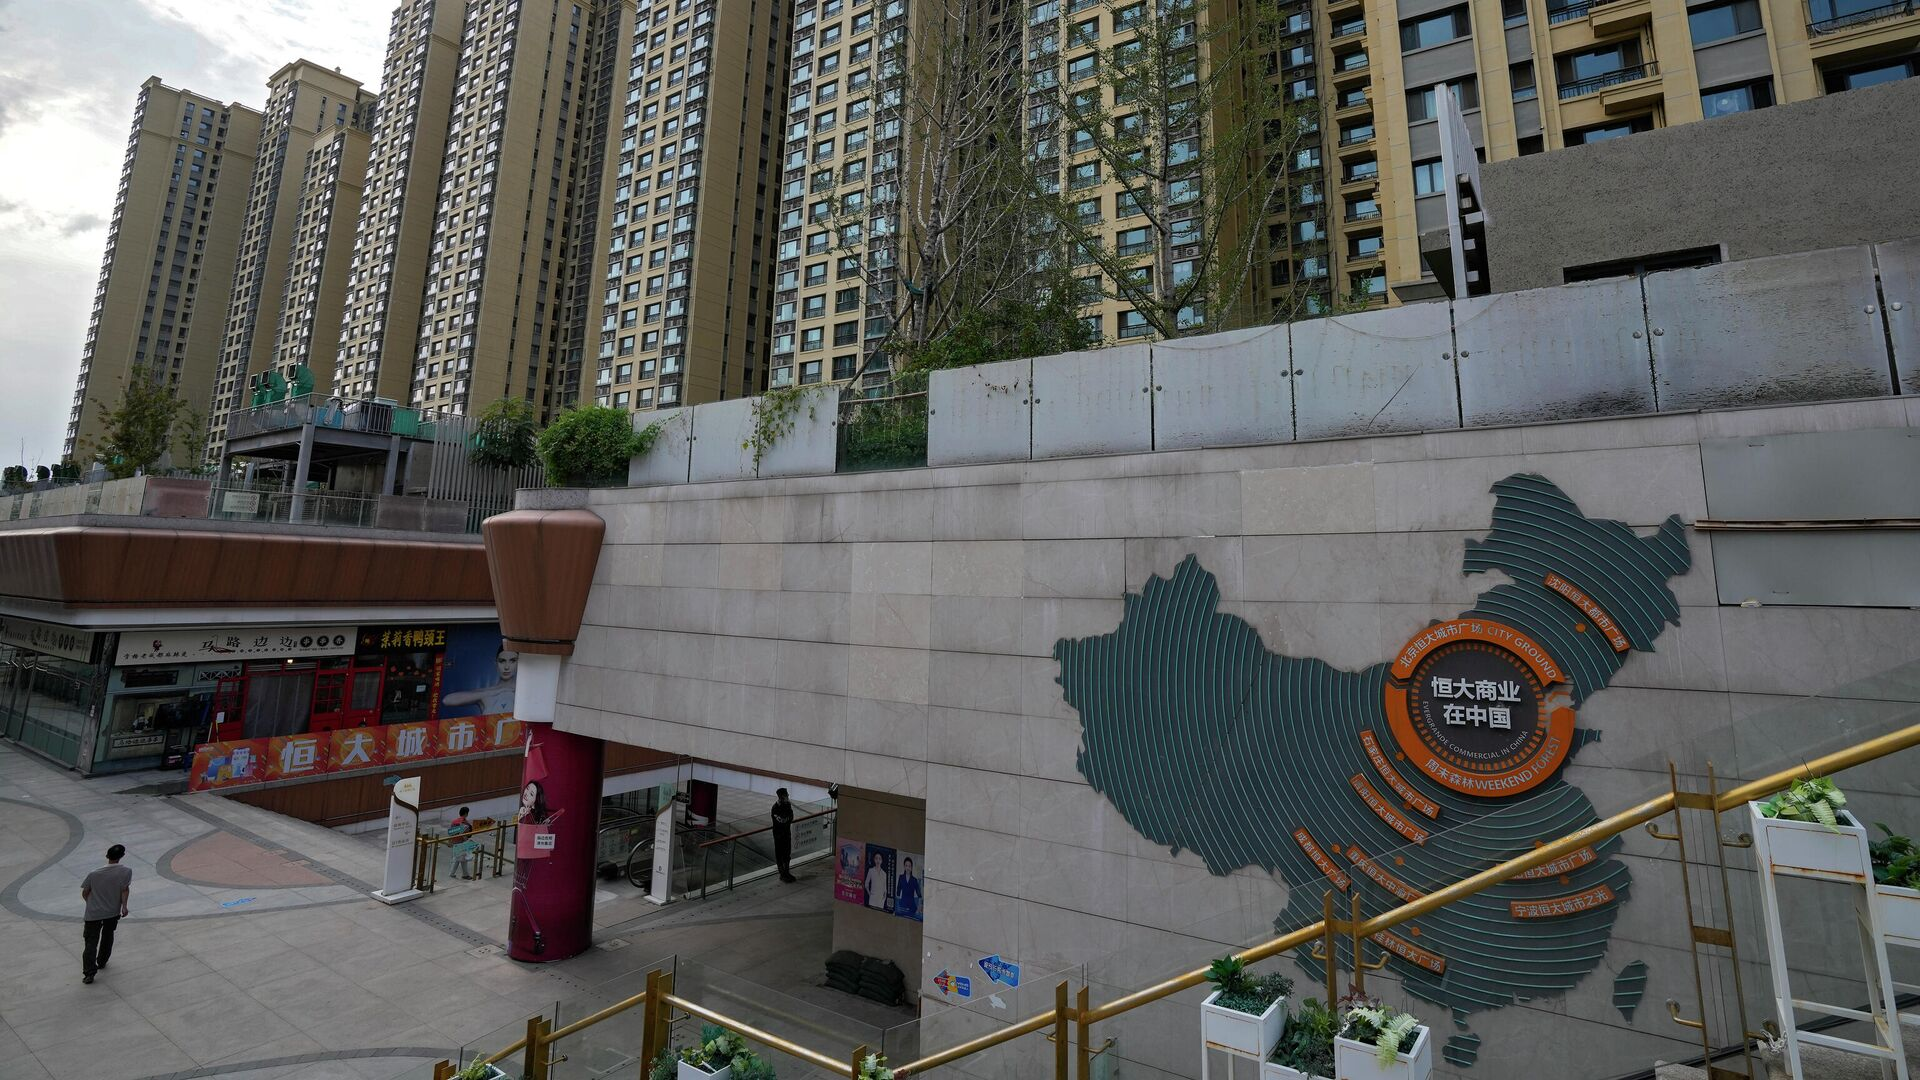 Kompanija Evergrande bila je jedan od najvećih građevinskih investitora u Kini - Sputnik Srbija, 1920, 11.10.2021